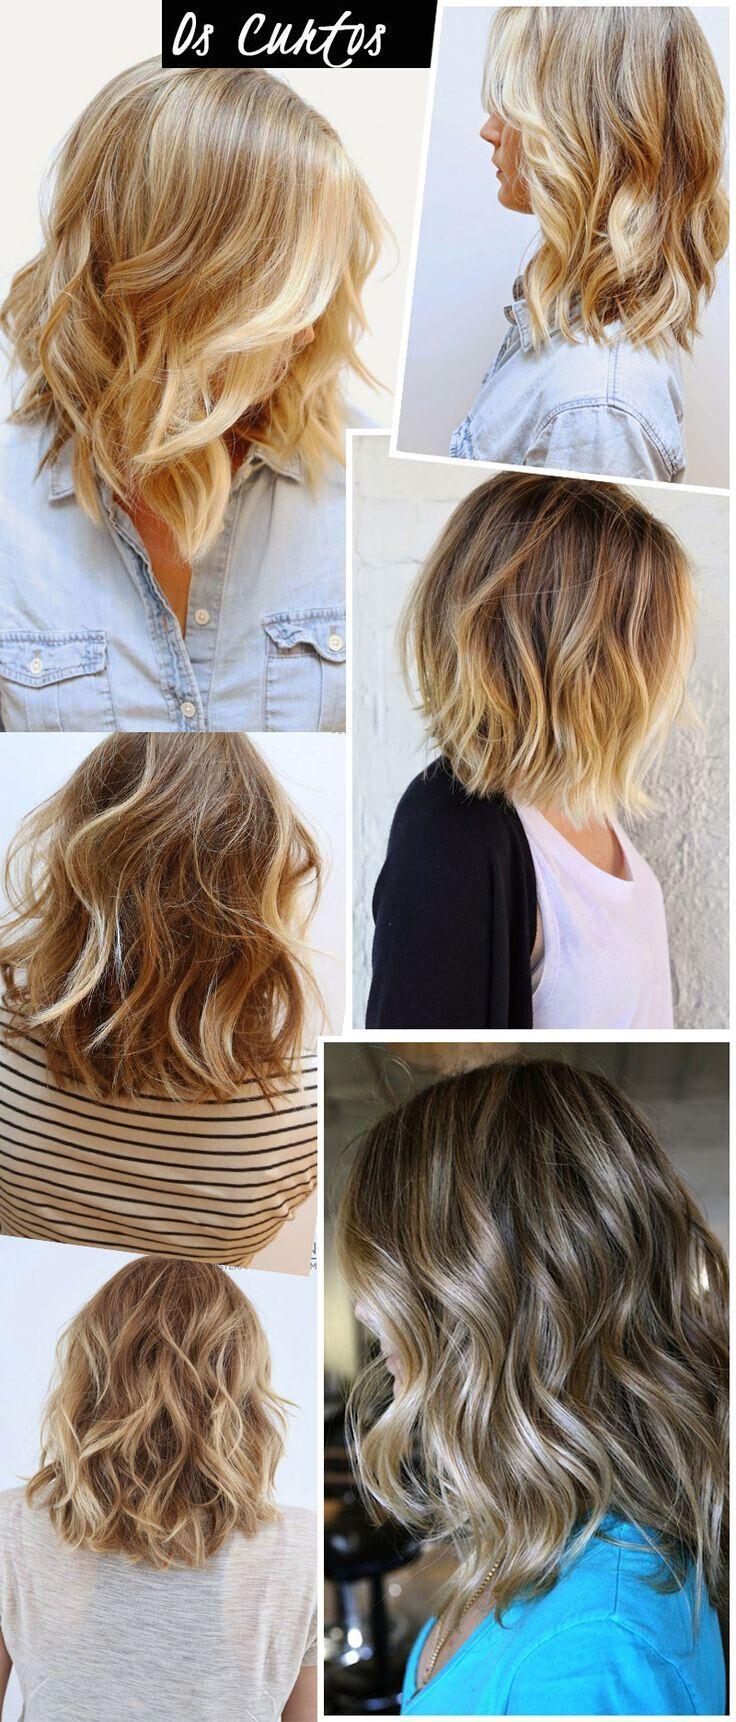 Lob Haircut Ideas